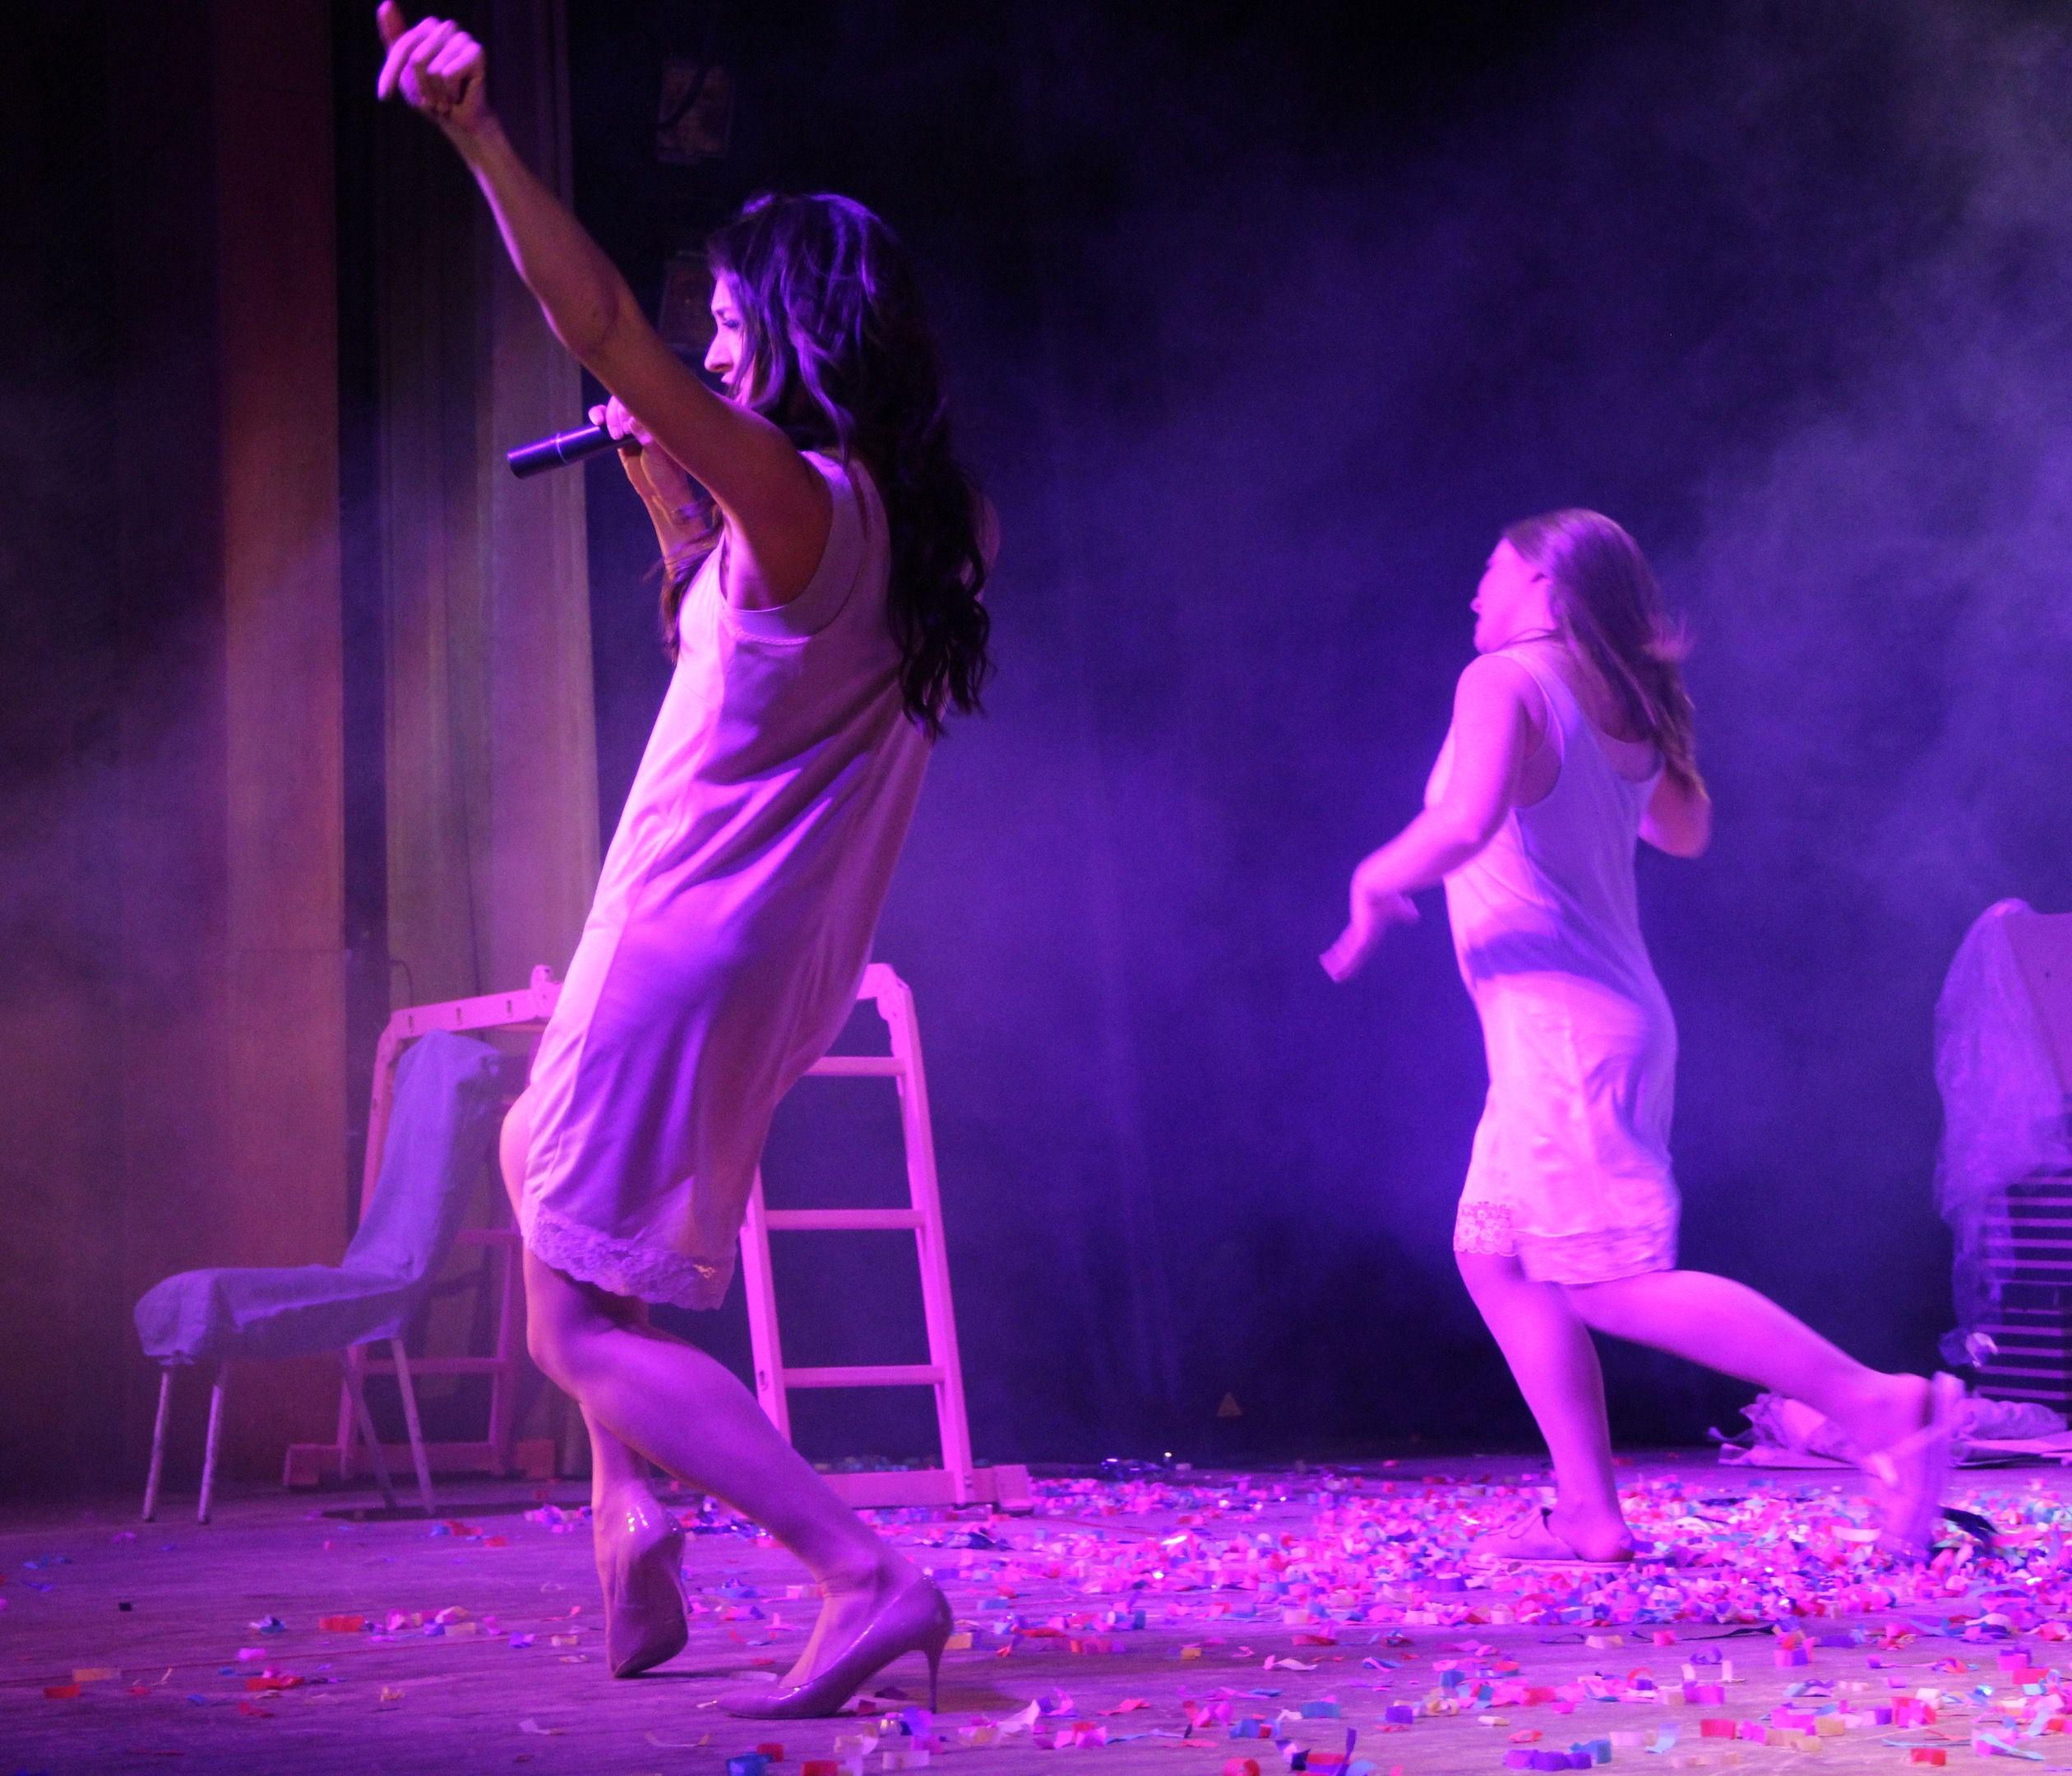 Спектакль «Пила вино и хохотала. Белое» в постановке «Театра двух» (Санкт-Петербург) фото 8